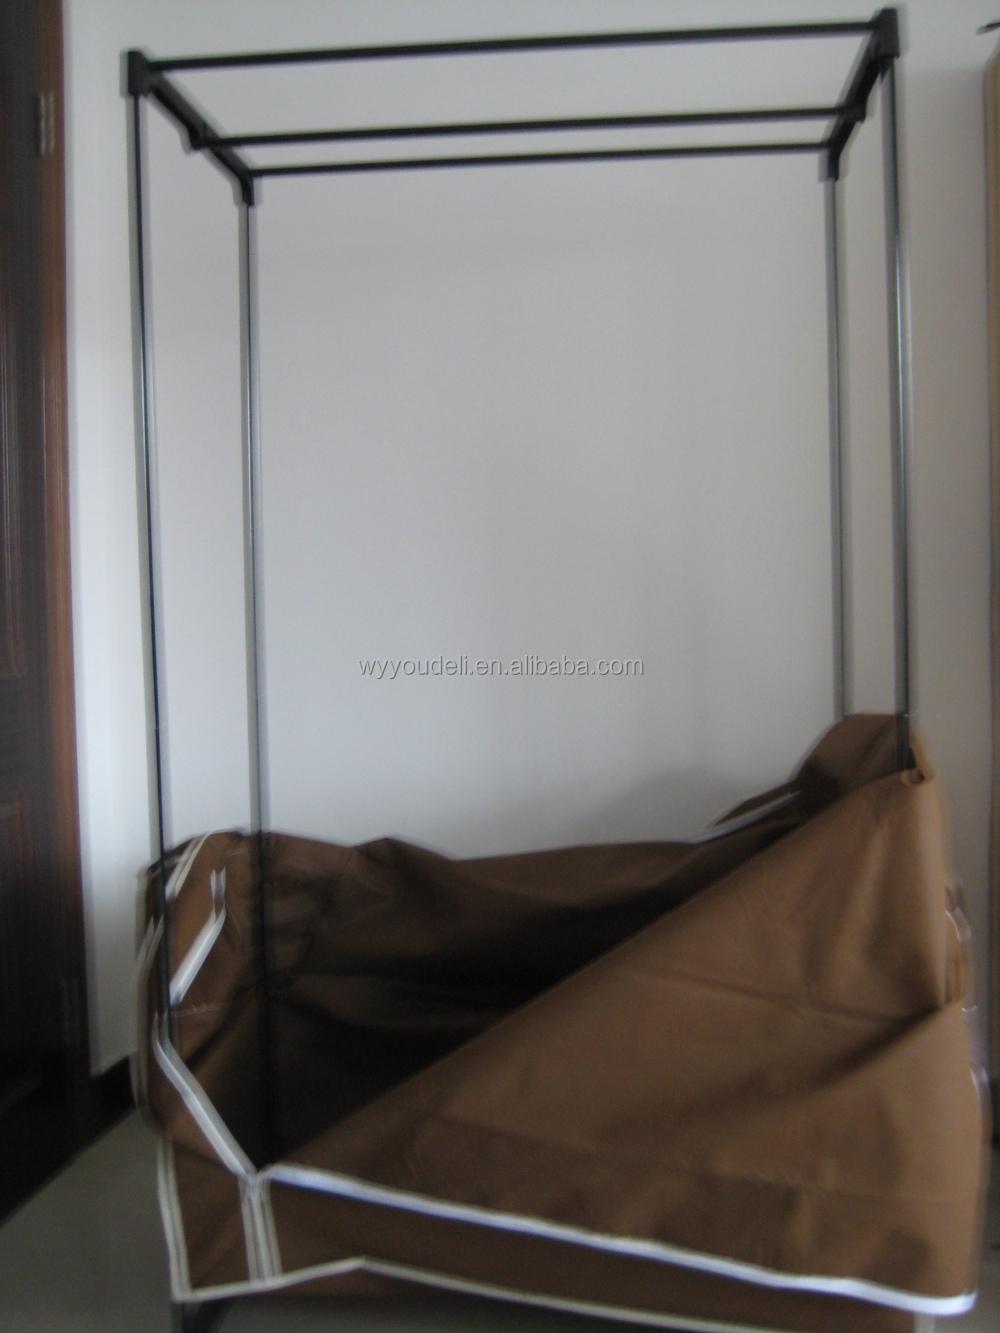 Venta caliente trapillo gabinete, plegadora 600d sistema de puerta corredera de armario armarios